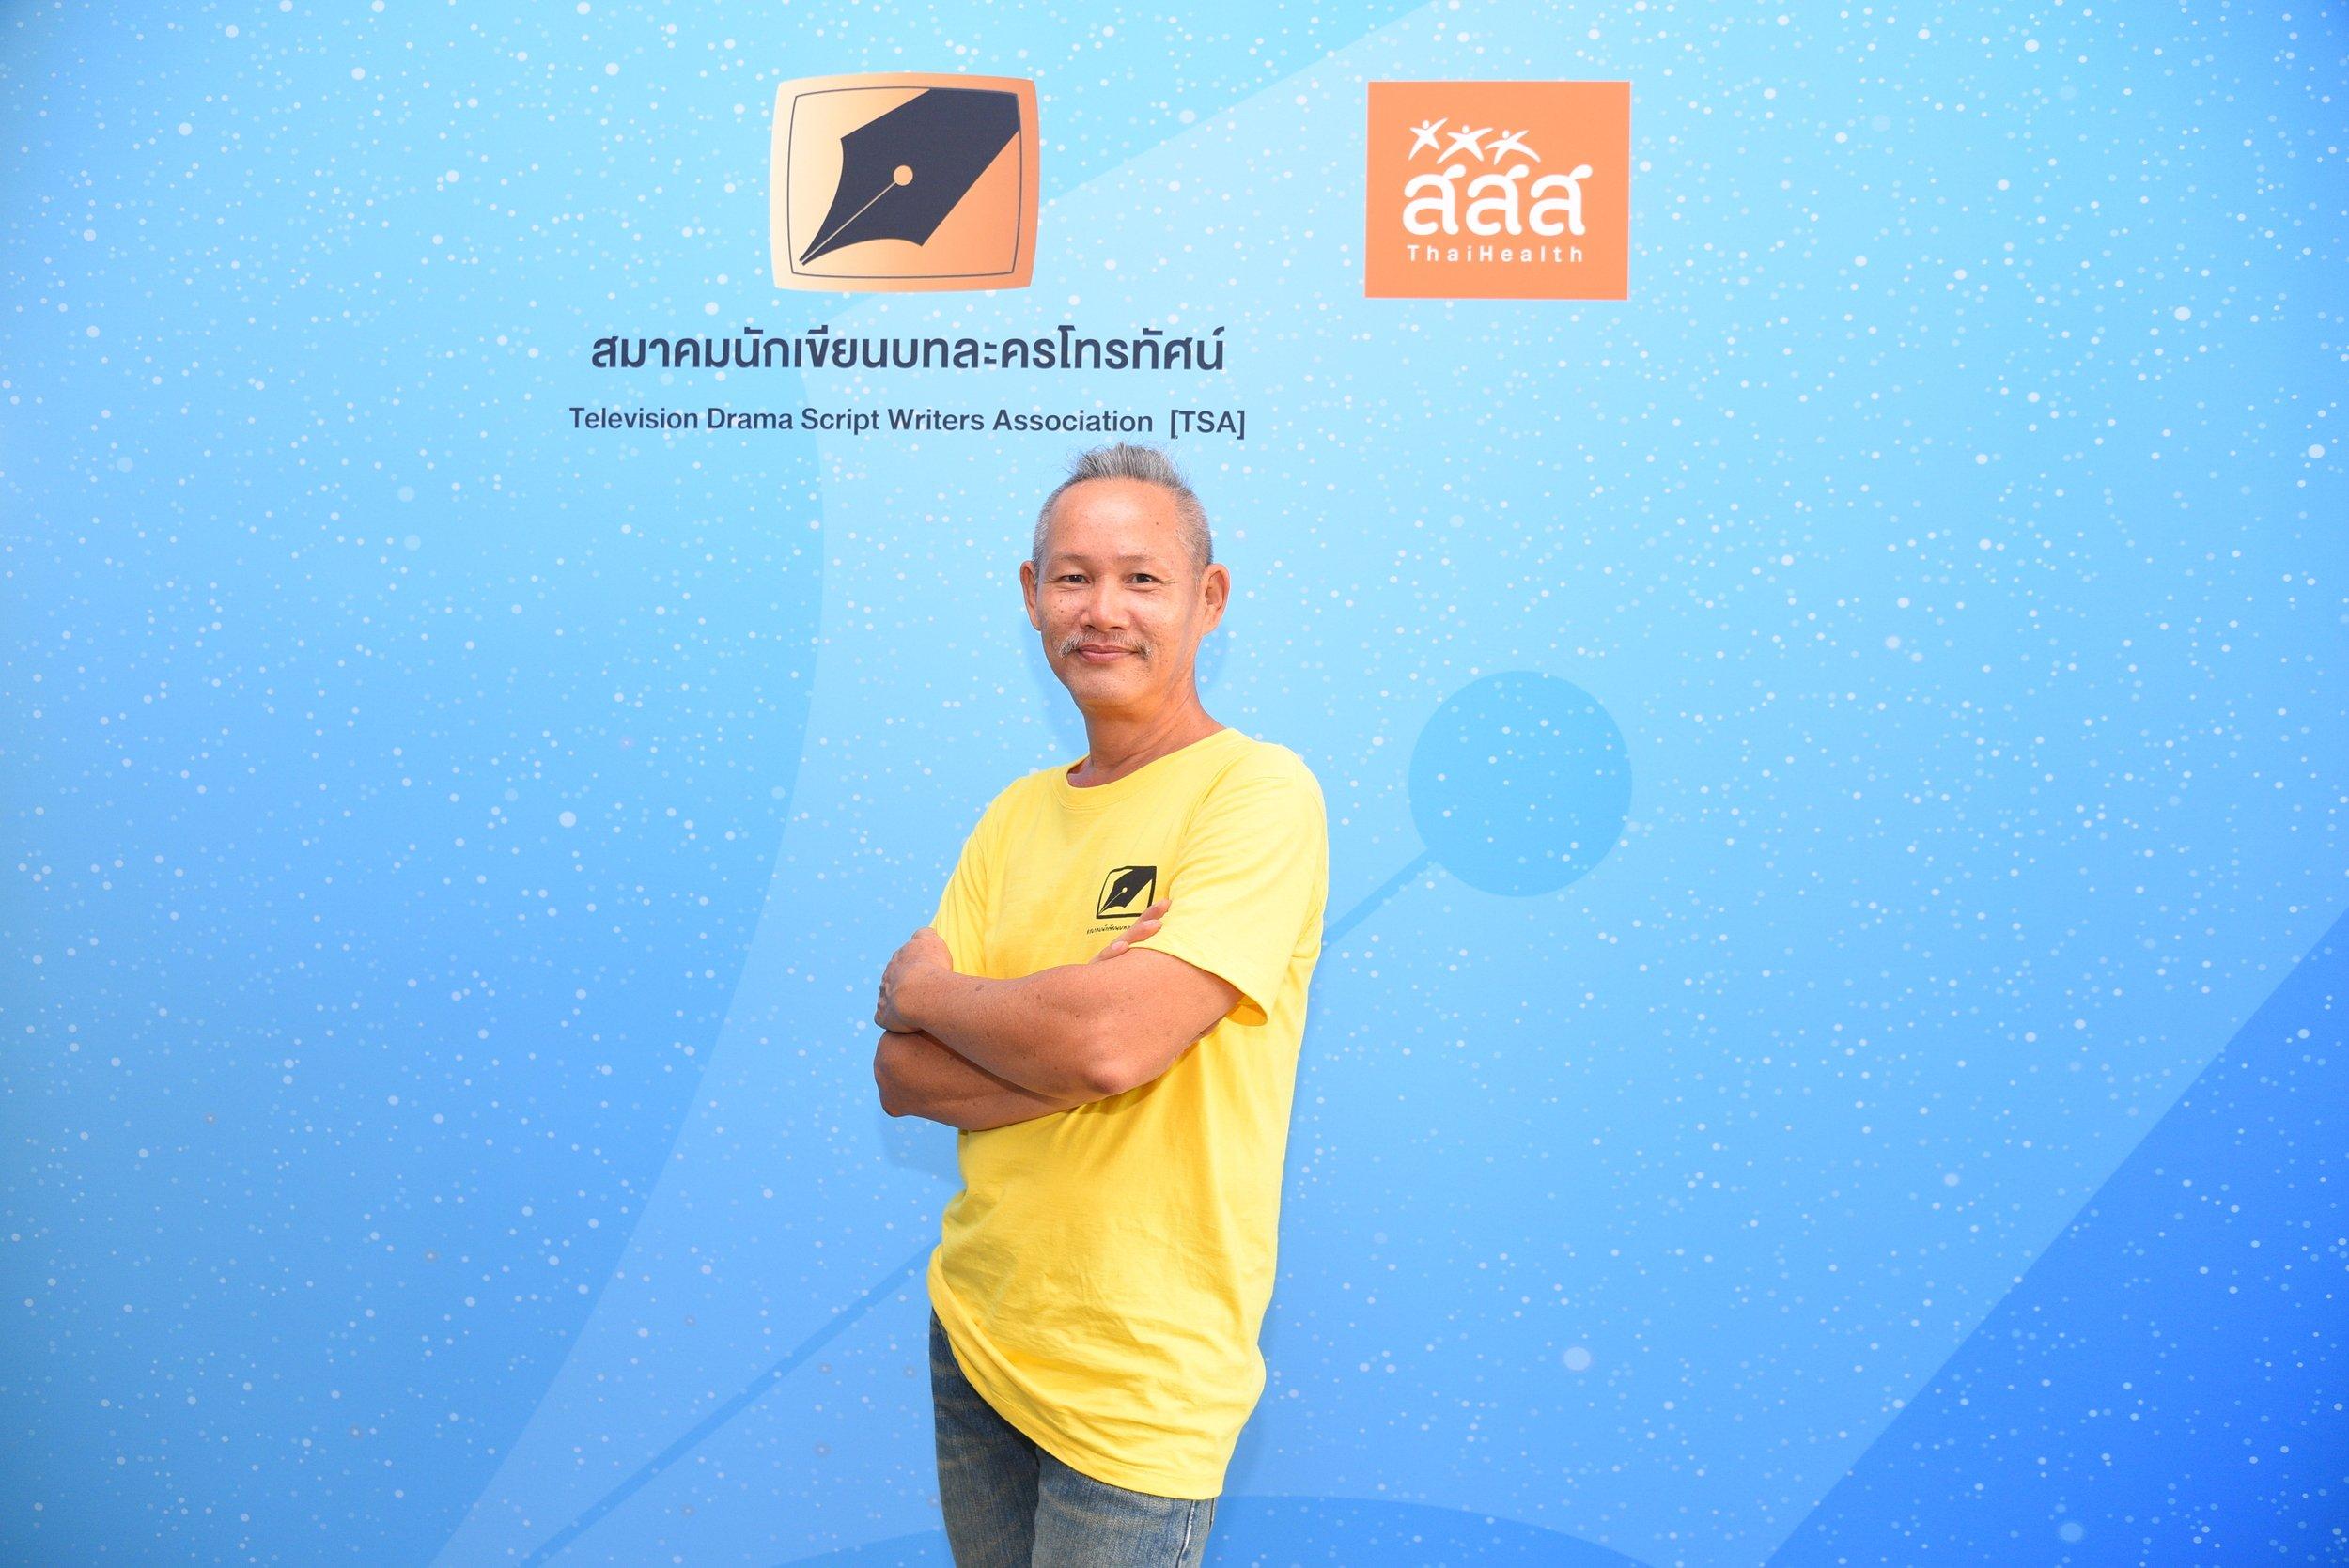 แซ่บ เศร้า น้ำเน่า สร้างสรรค์ ชะตากรรมละครไทยในมือนักเขียนบท thaihealth